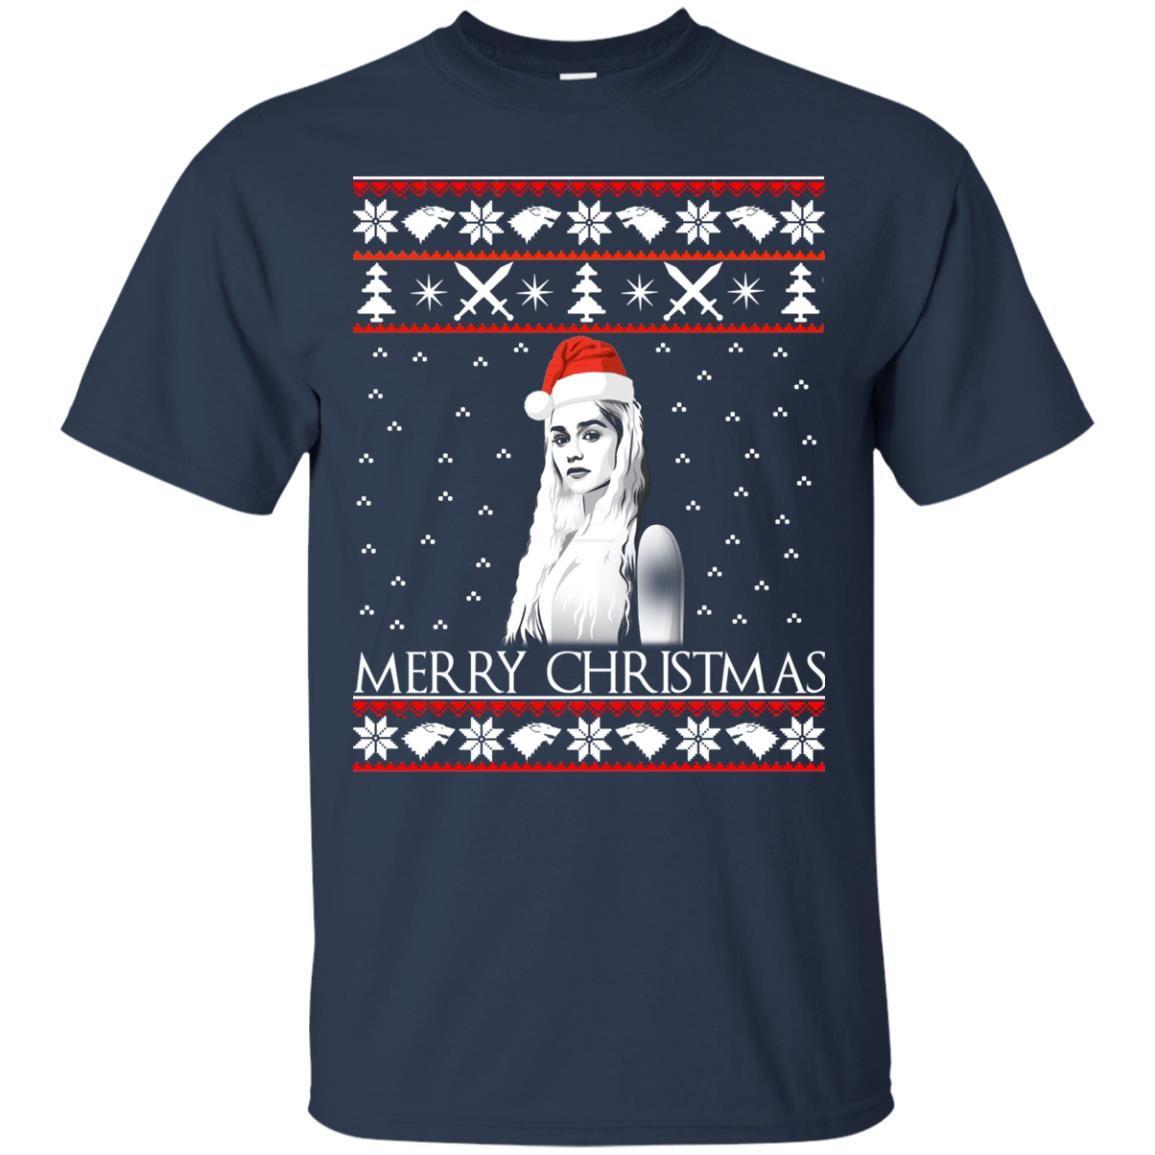 image 839 - Daenerys Targaryen: Merry Christmas ugly Sweatshirt, hoodie